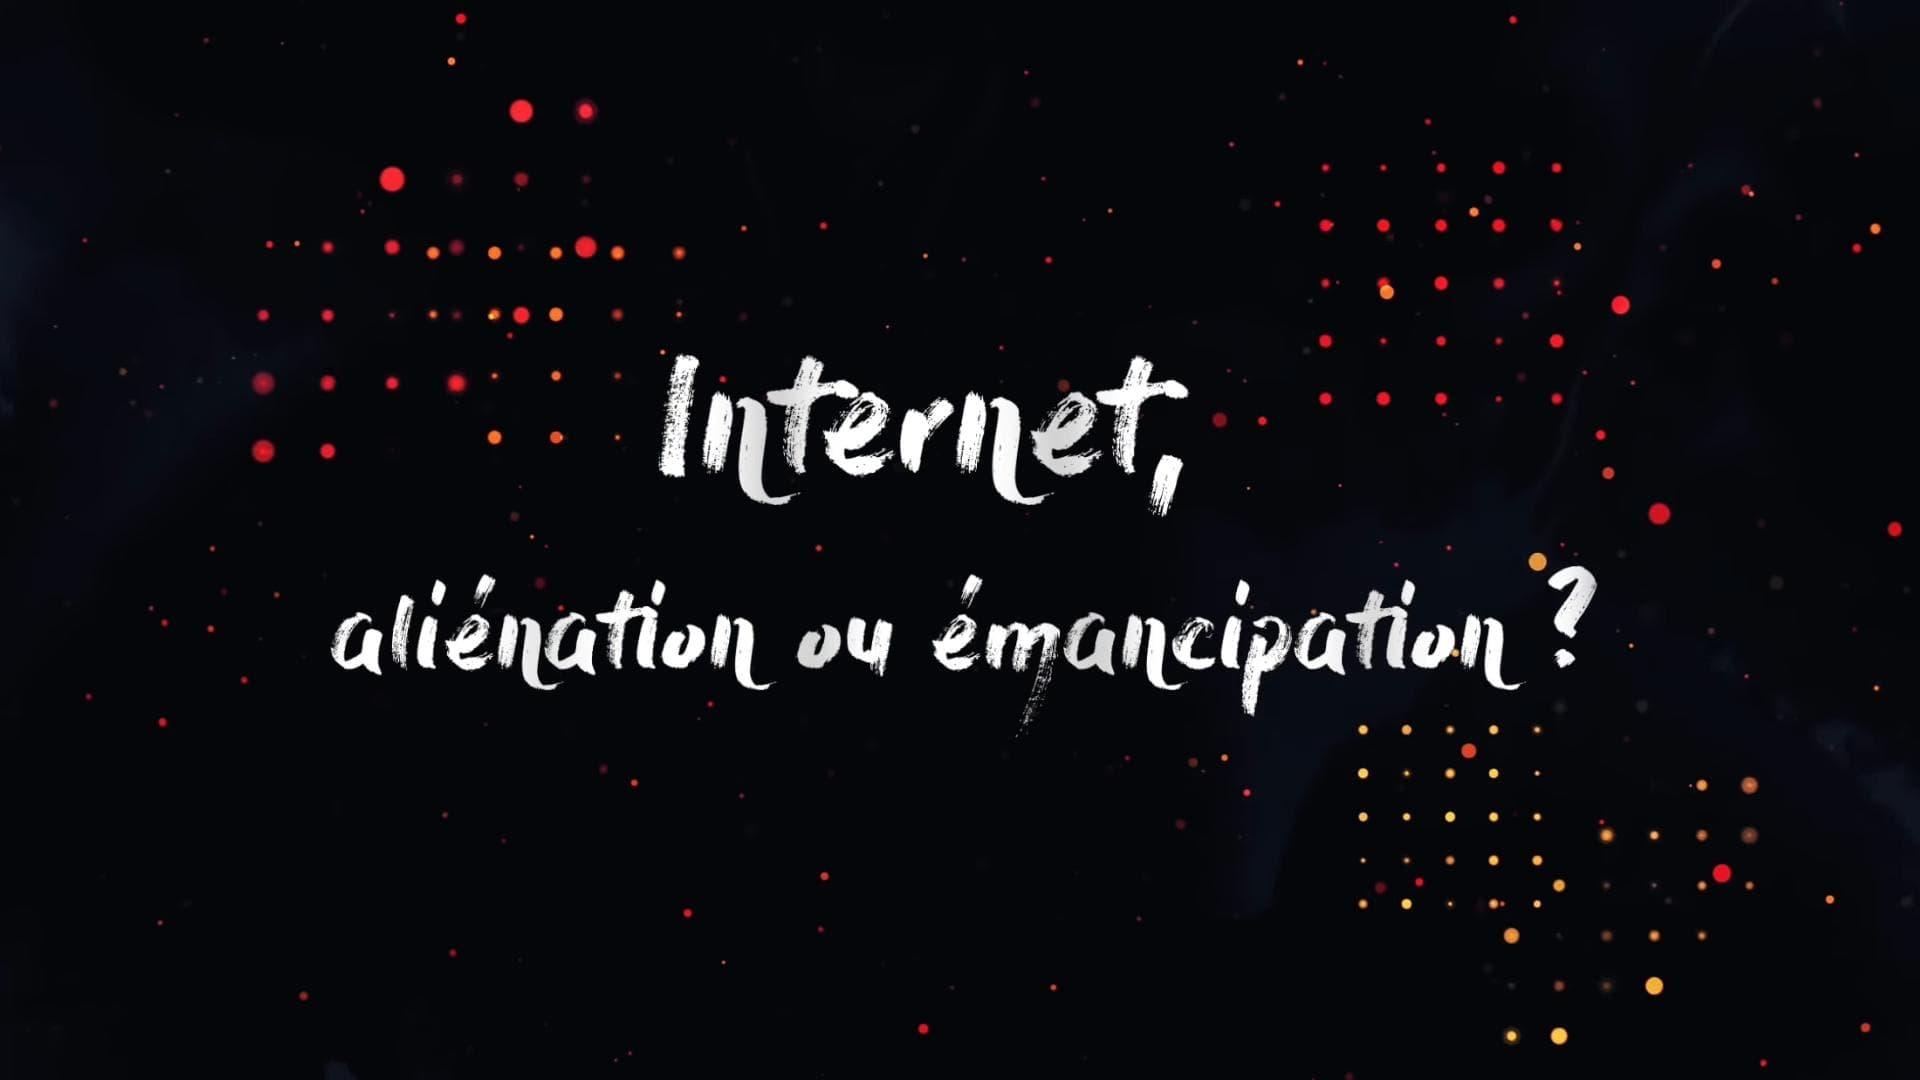 Internet, aliénation ou émancipation? (2019)